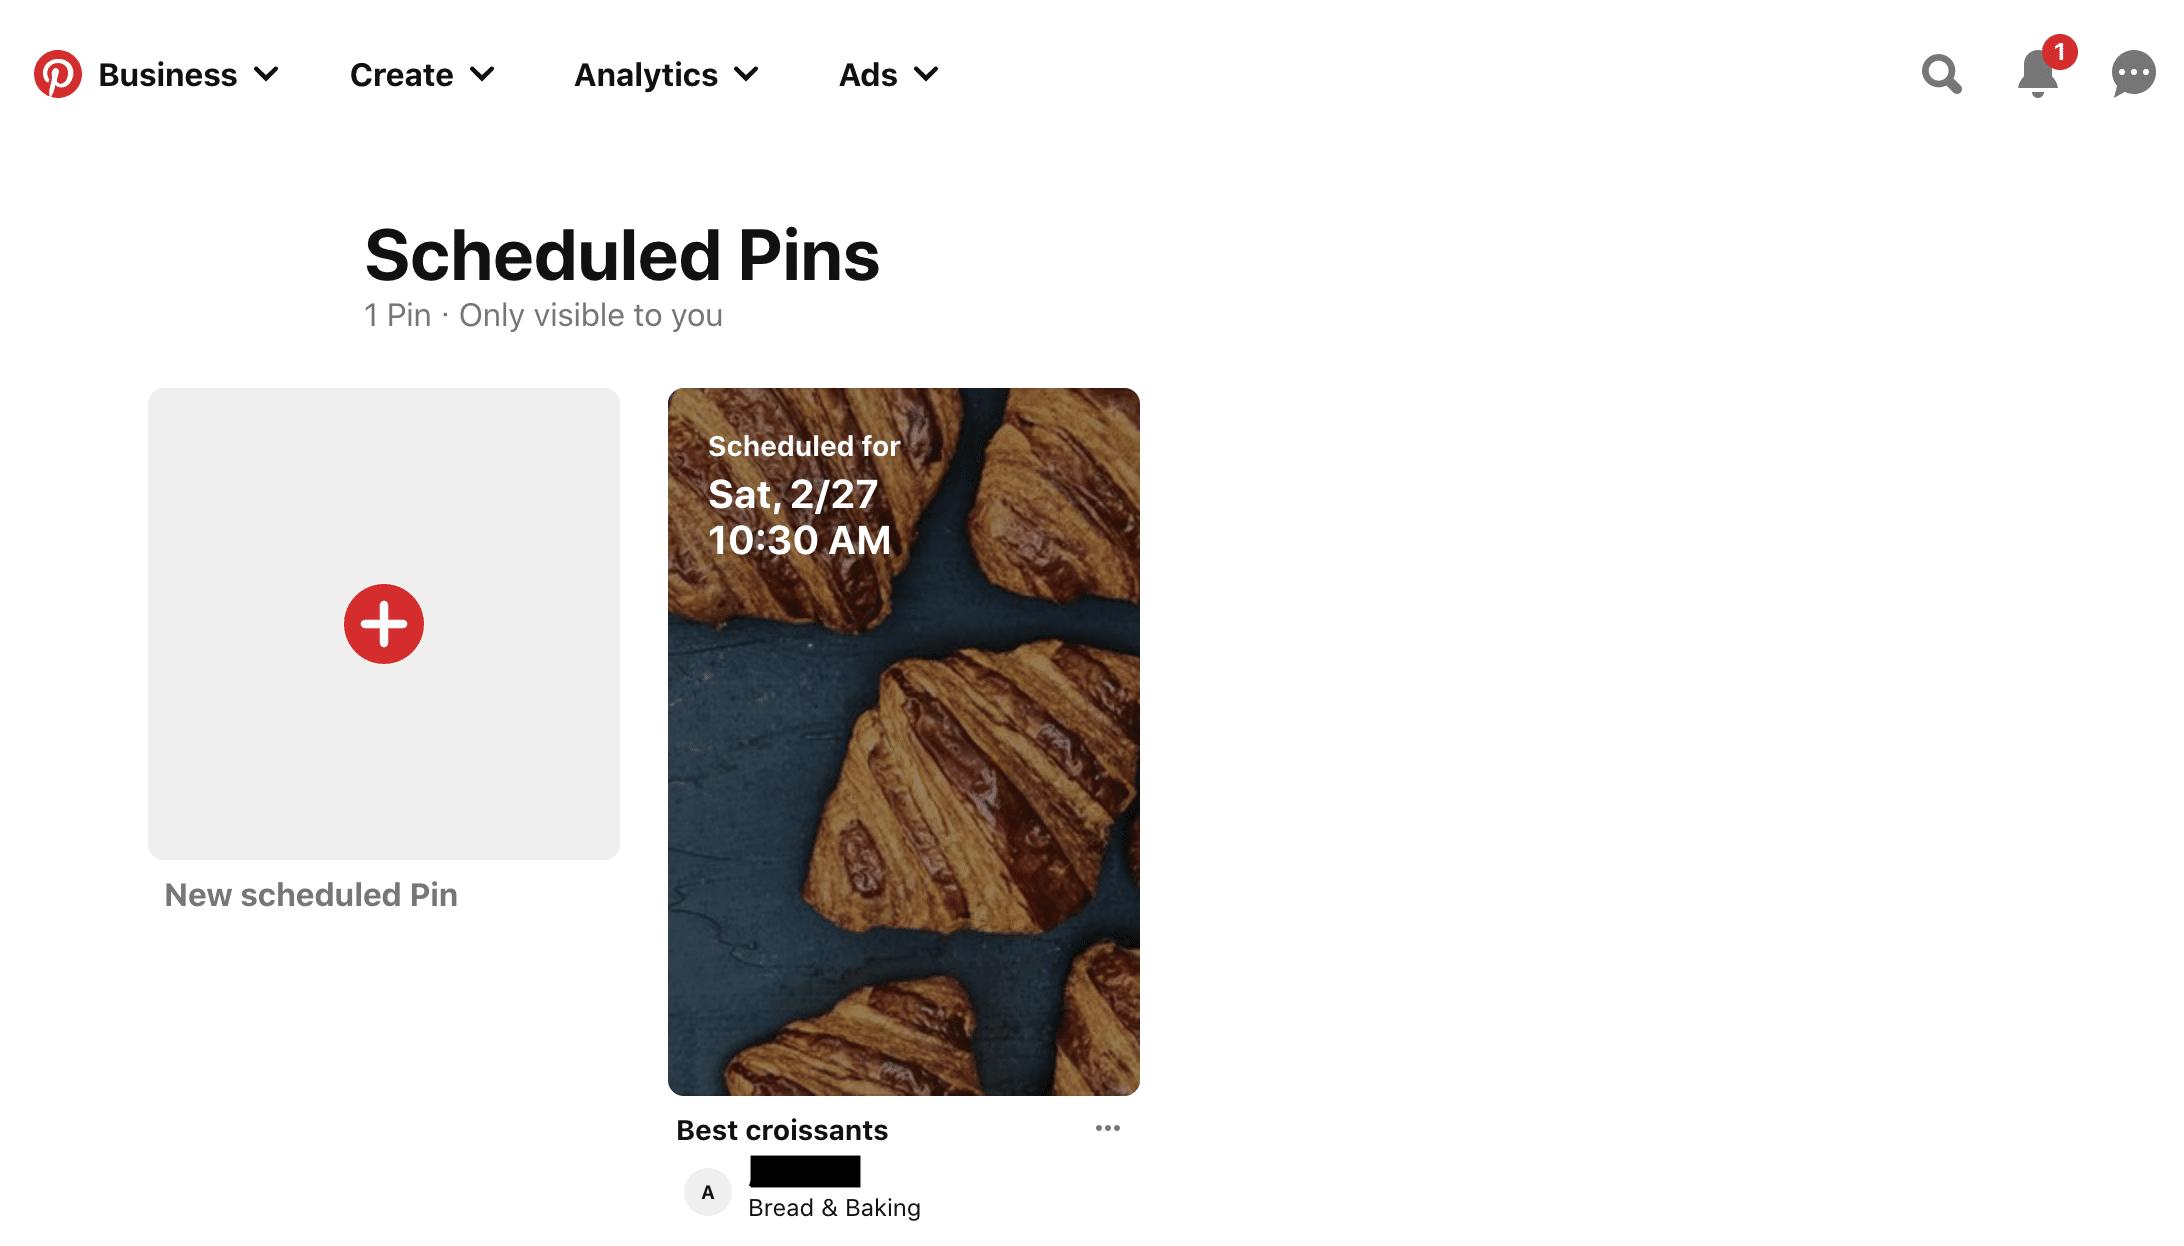 scheduled pins page